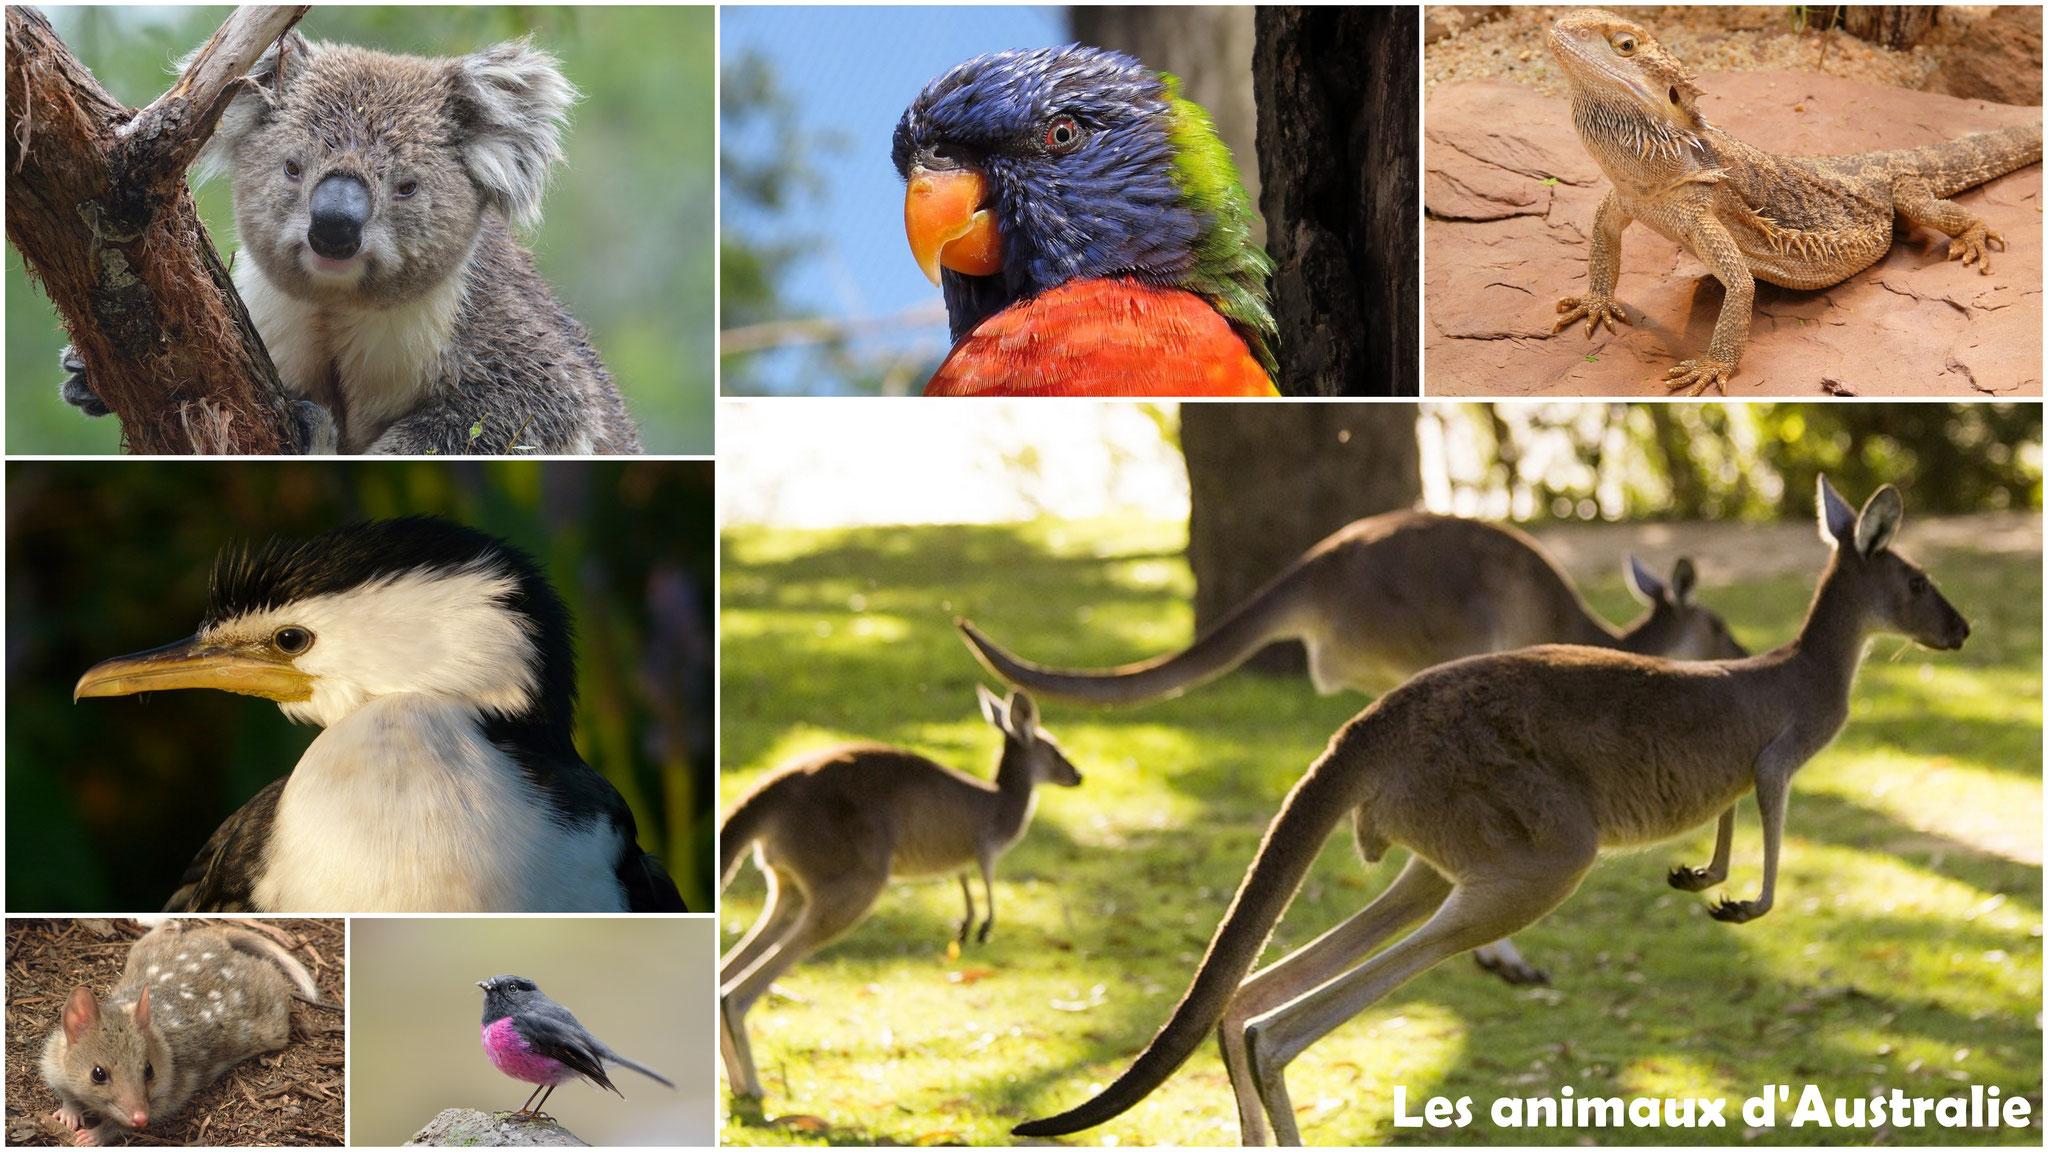 Les animaux d'Australie